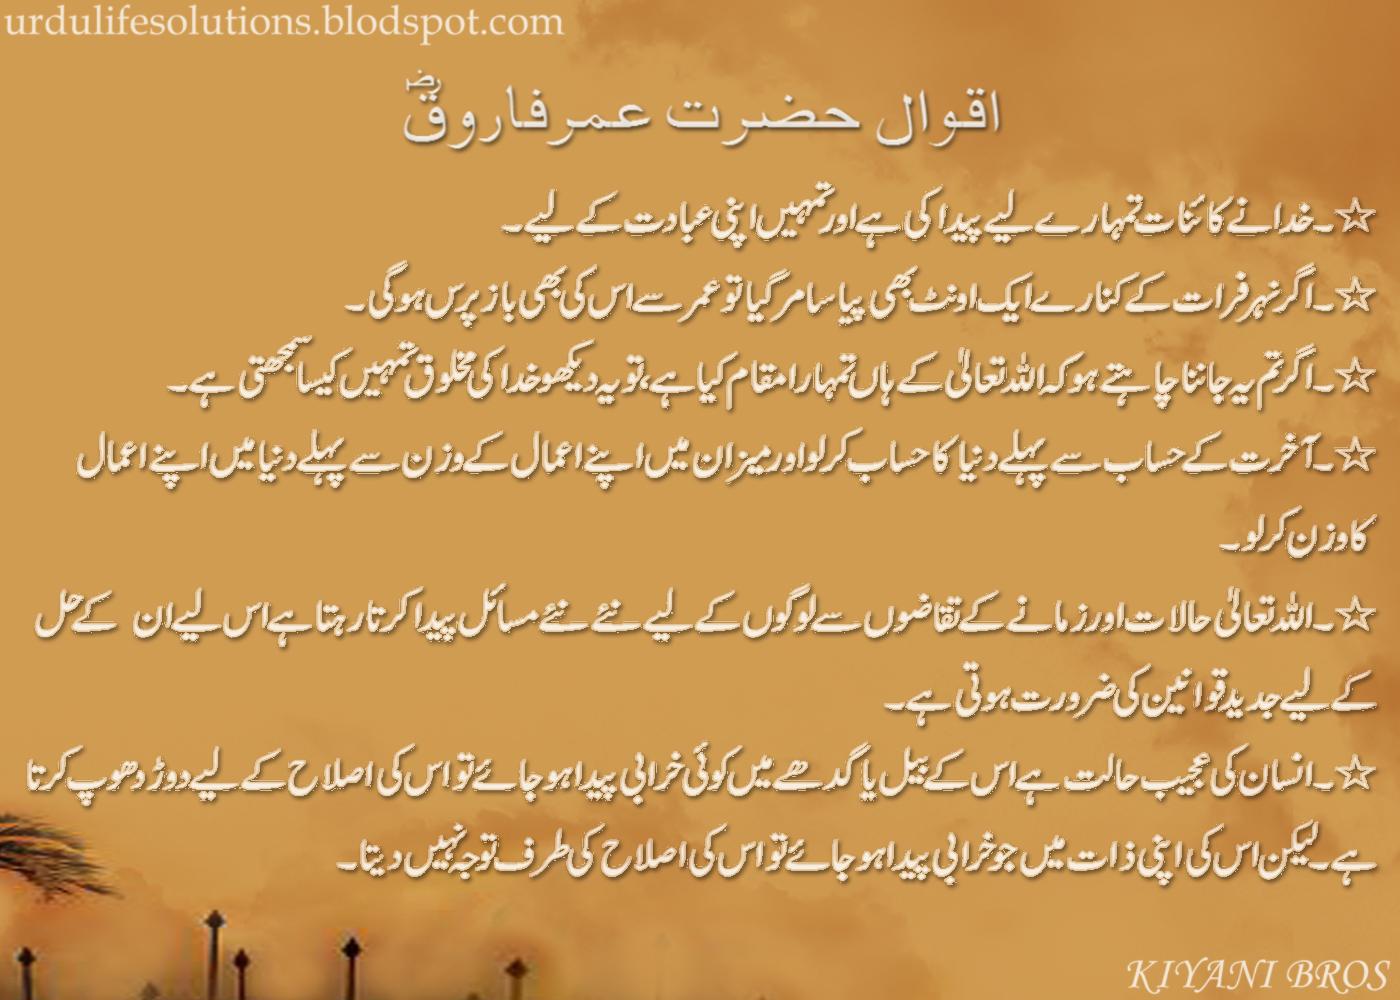 Islam a way of life aqwal hazrat umer farooq r a